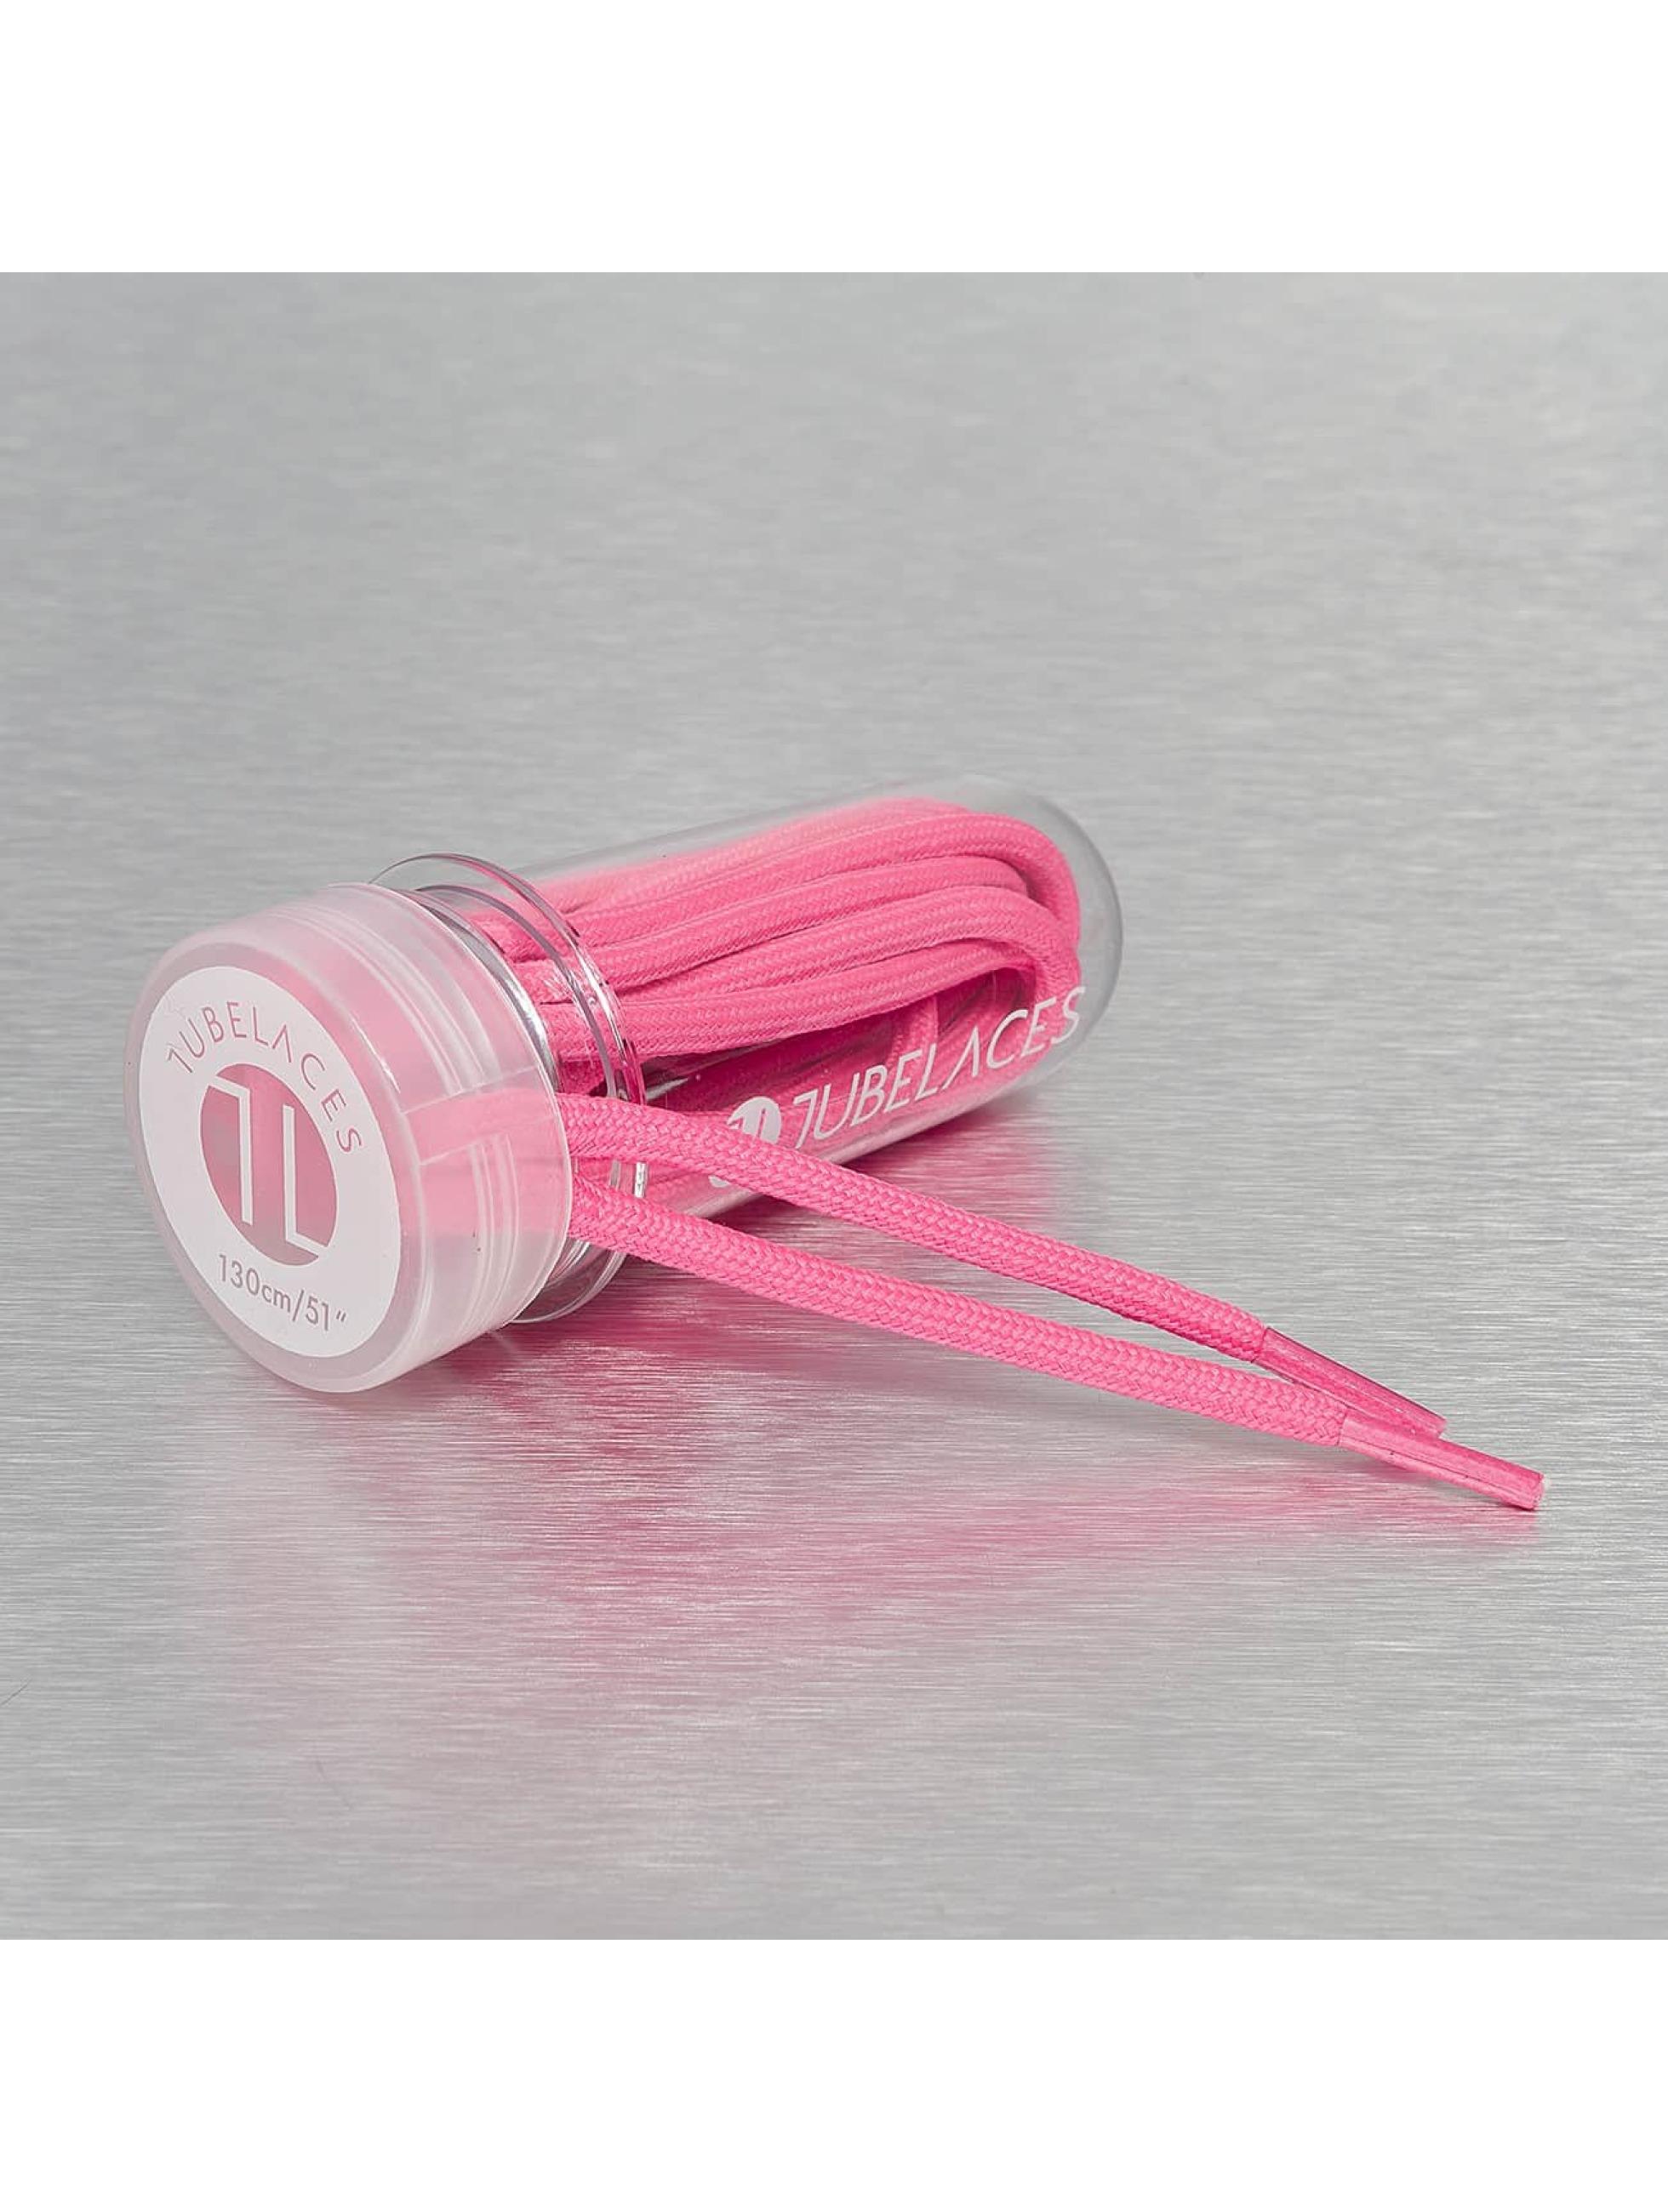 Tubelaces Schuhzubehör Rope Solid pink